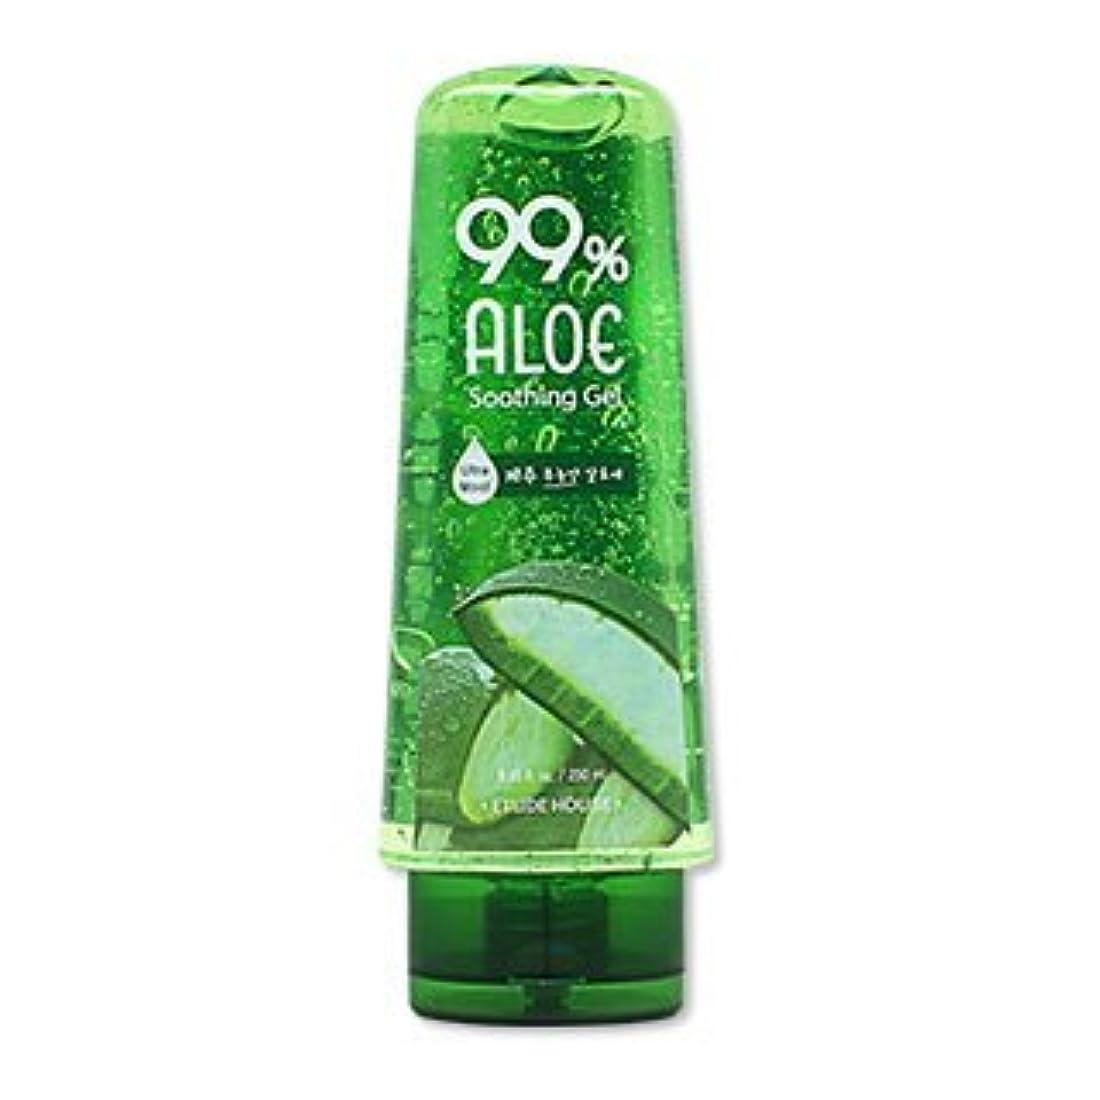 人口持ってるバナナETUDE HOUSE 99% Aloe Soothing Gel 250ml/エチュードハウス 99% アロエ スージング ジェル 250ml